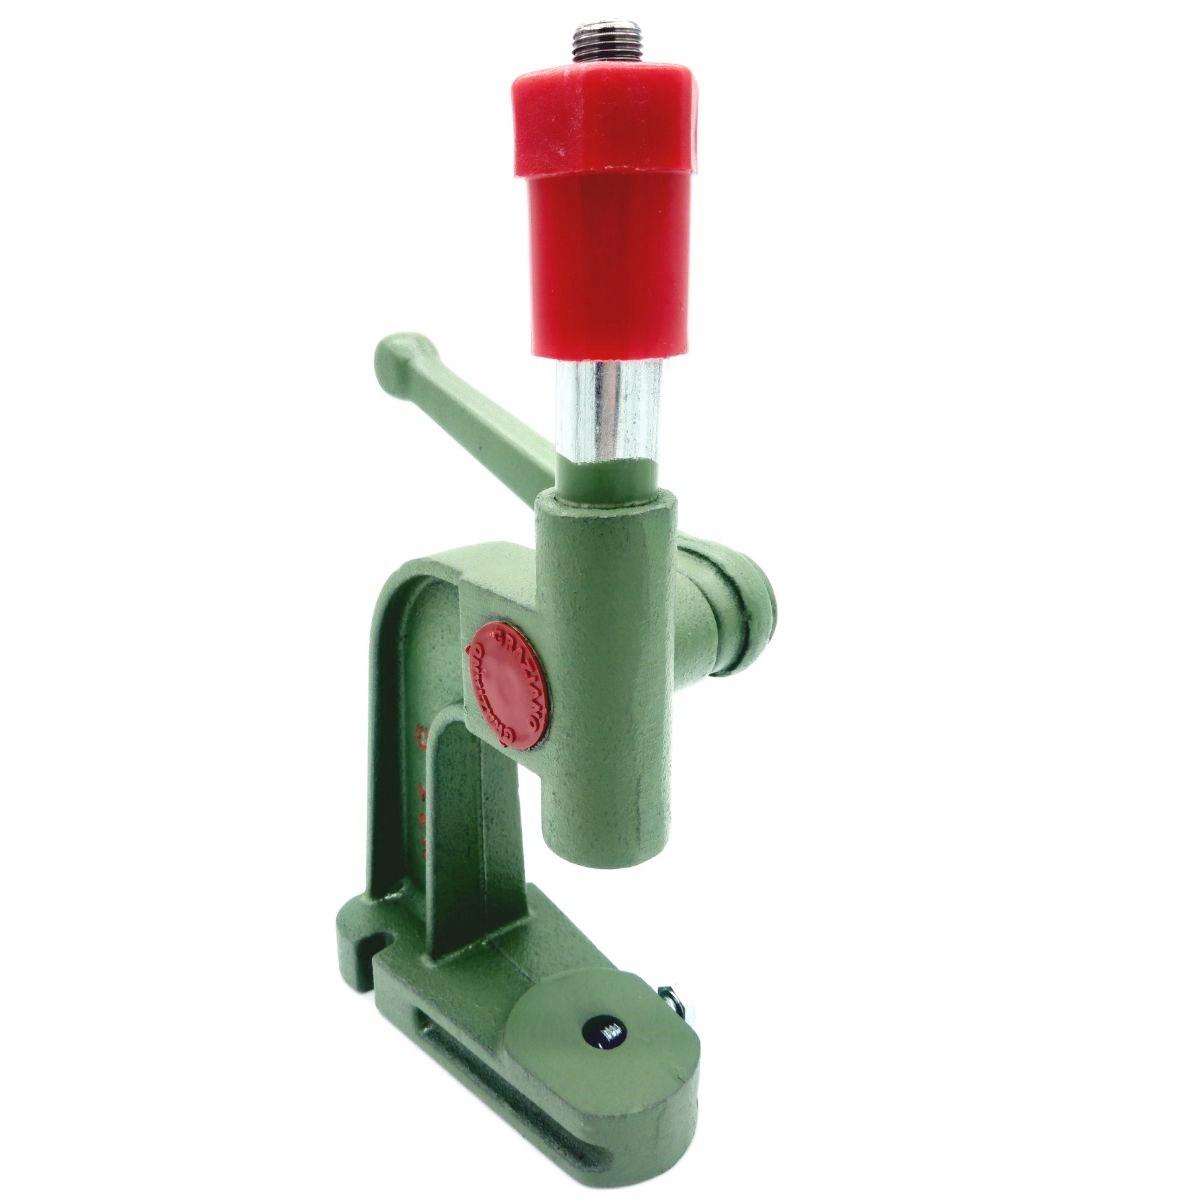 Balancim Manual Nº 7-G capacidade de pressão 100Kg acionamento frontal